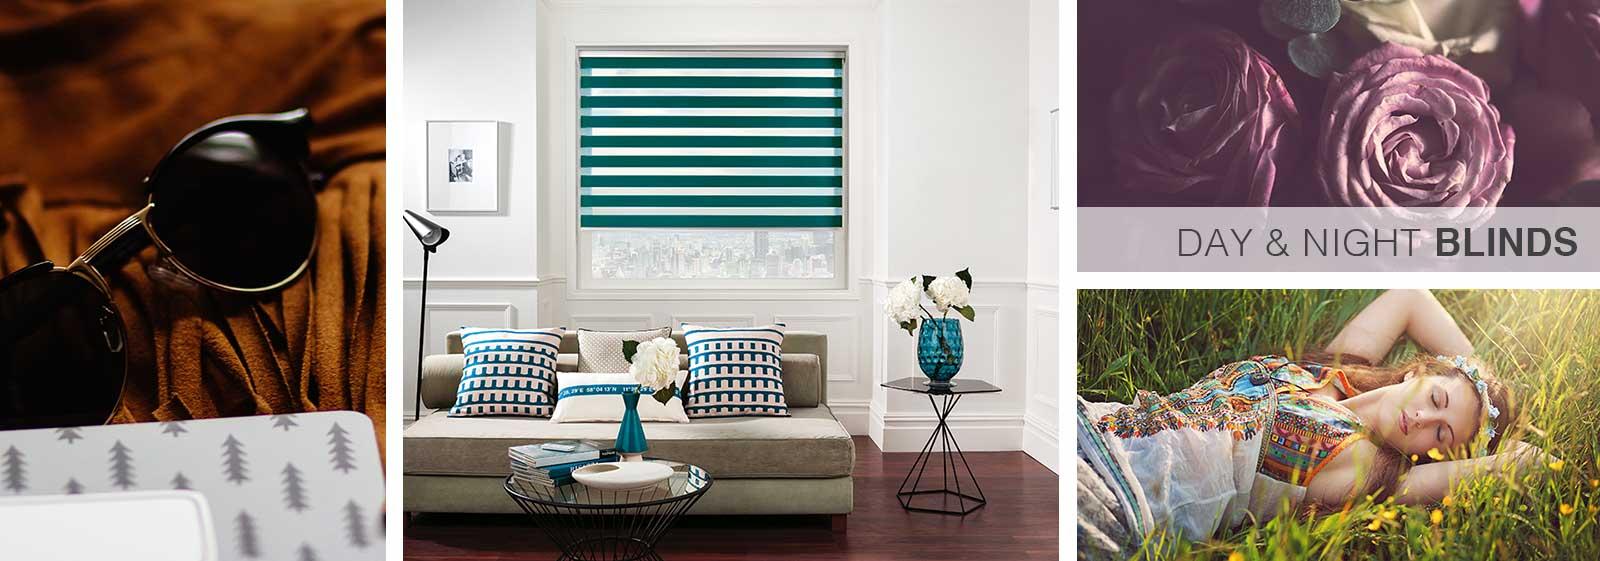 Vision Blinds, Vision Blinds, Blind Designs